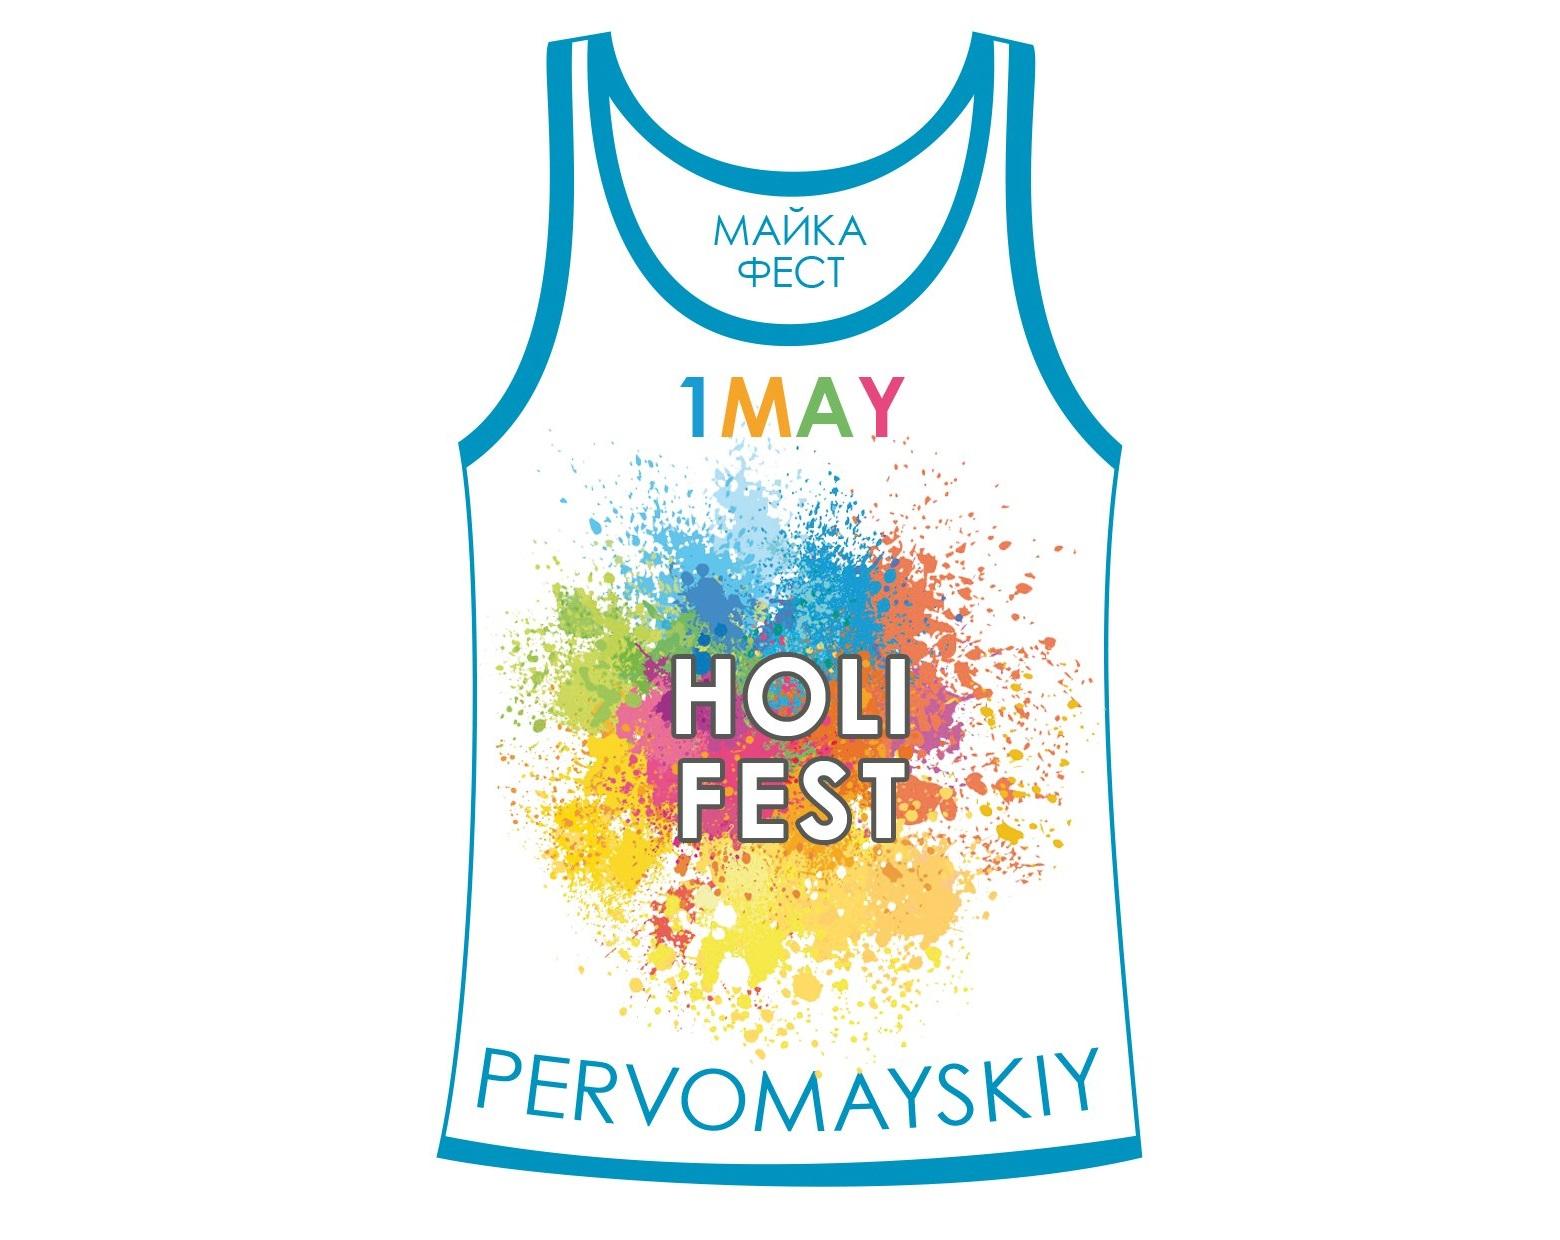 """Майский фестиваль красок Holi Fest в Первомайске """"Майка Фест""""!"""